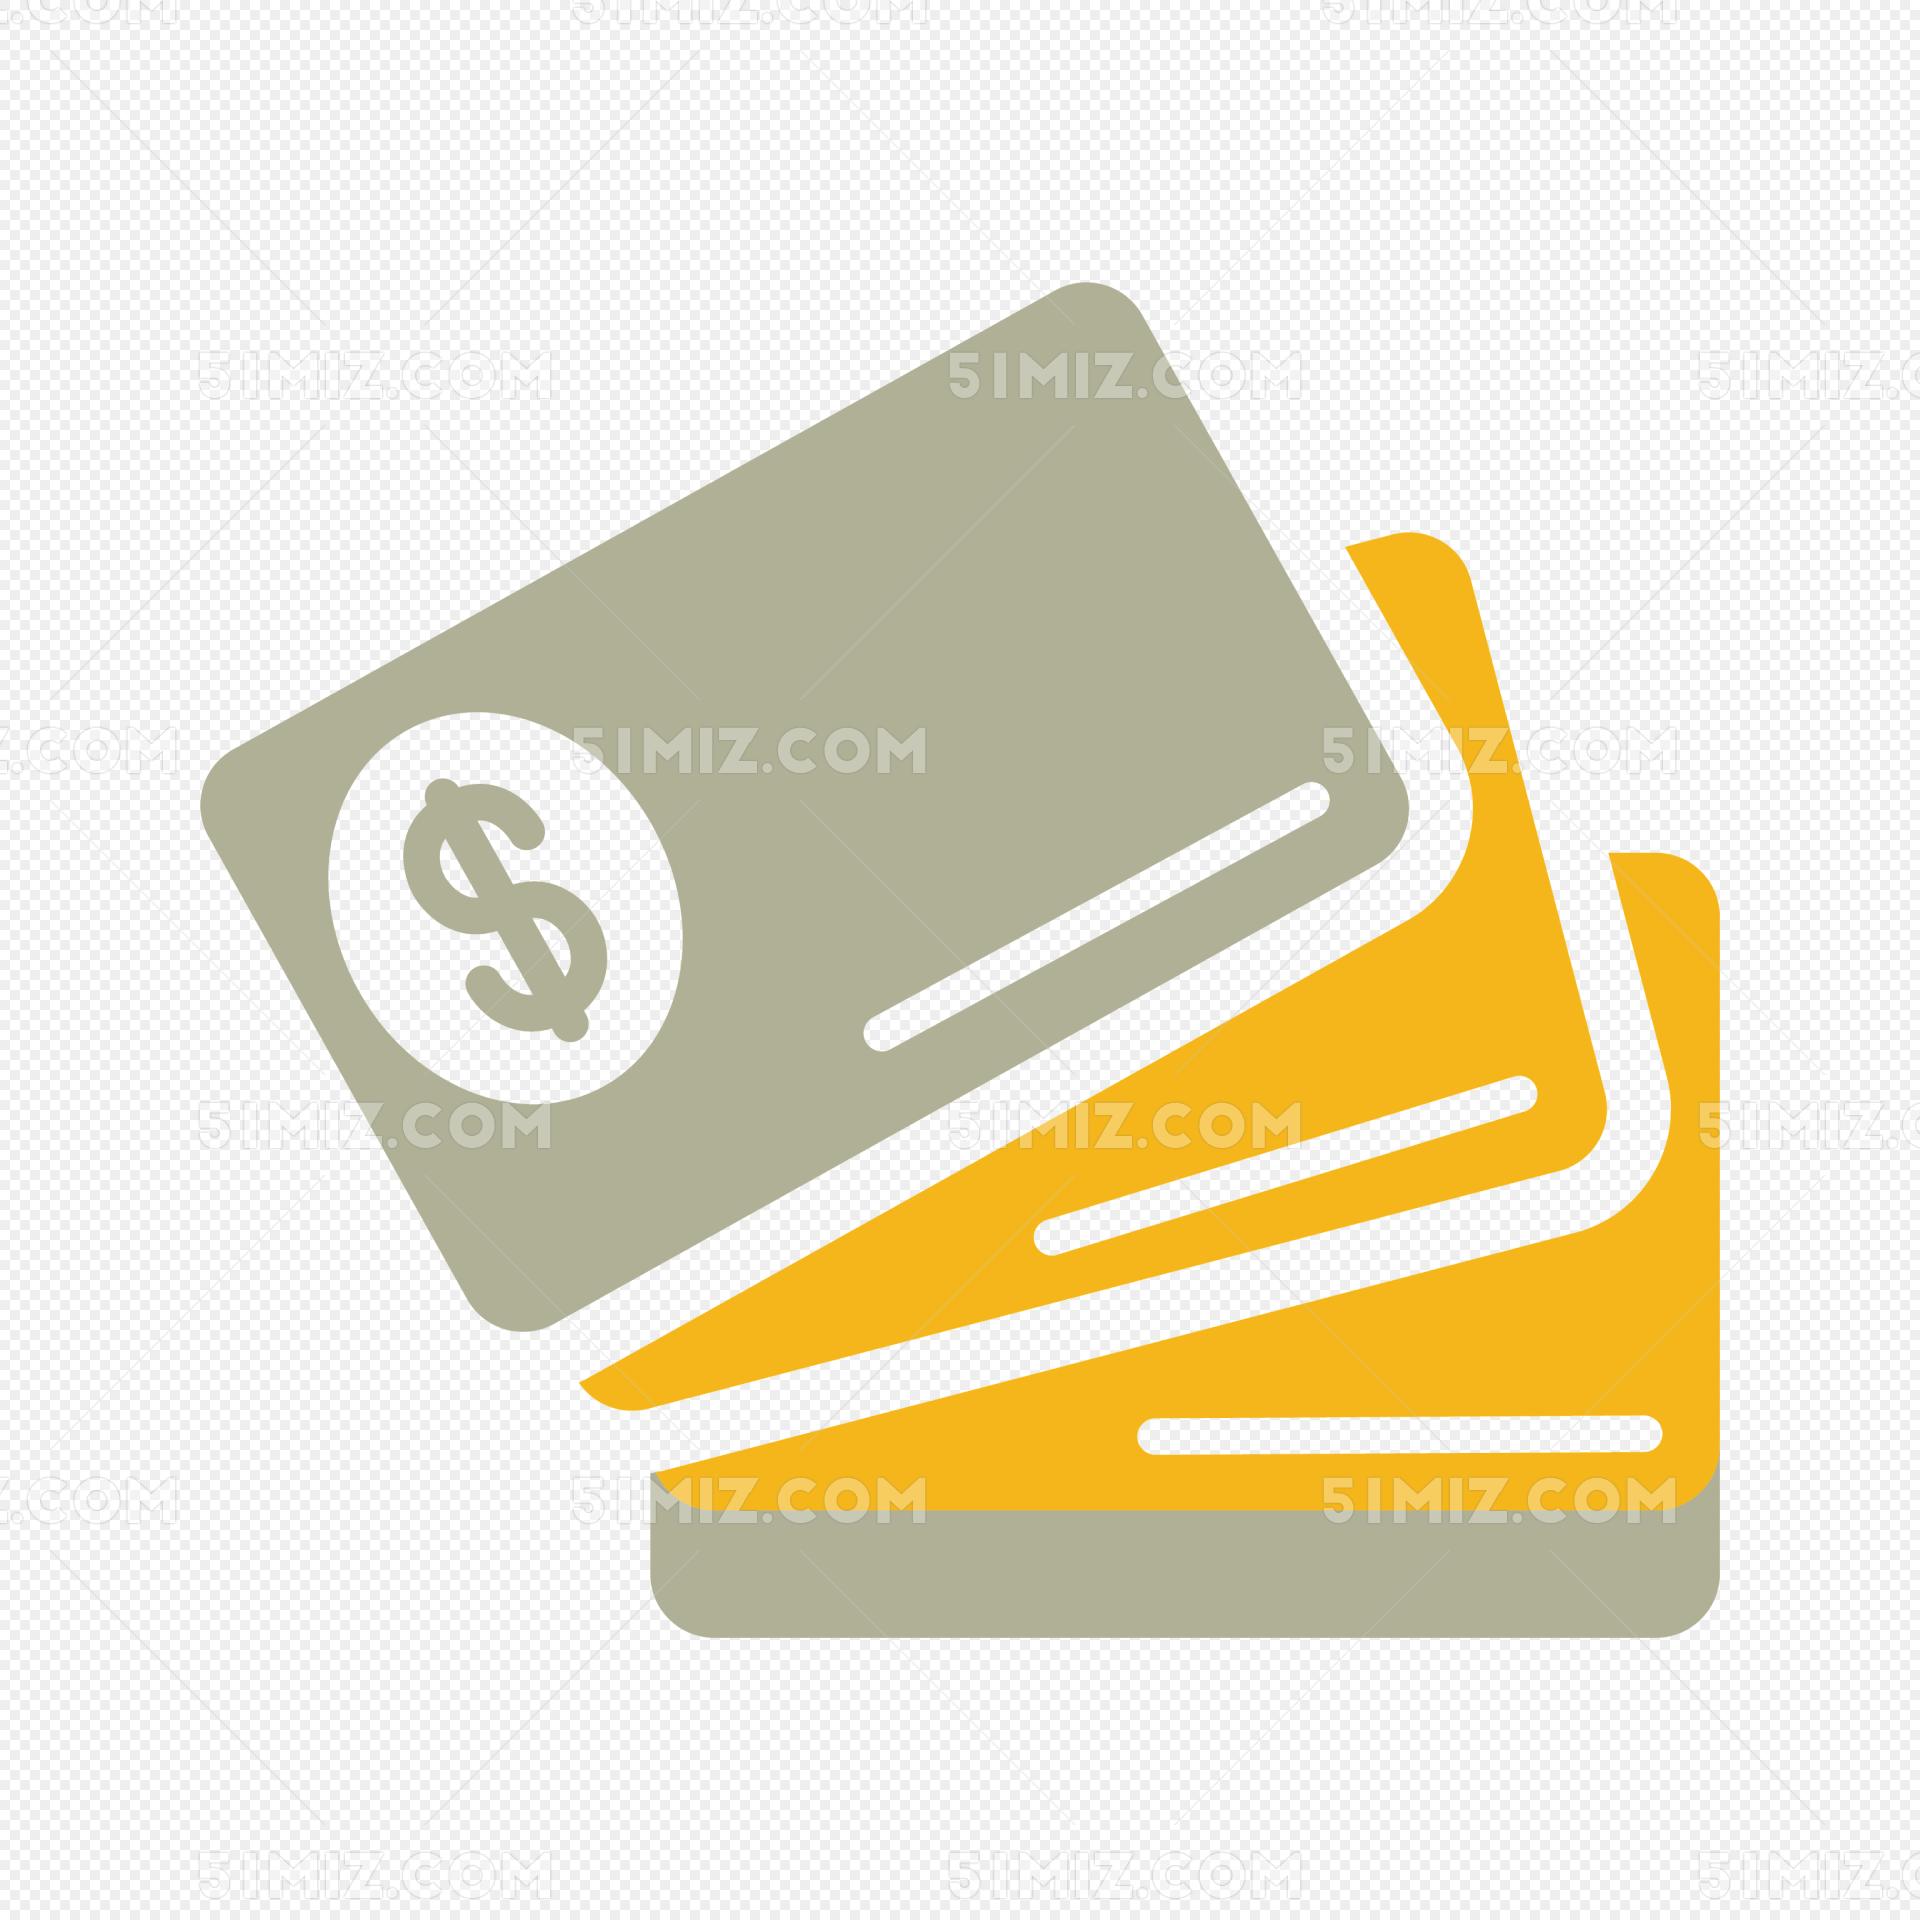 银行卡理财图标设计